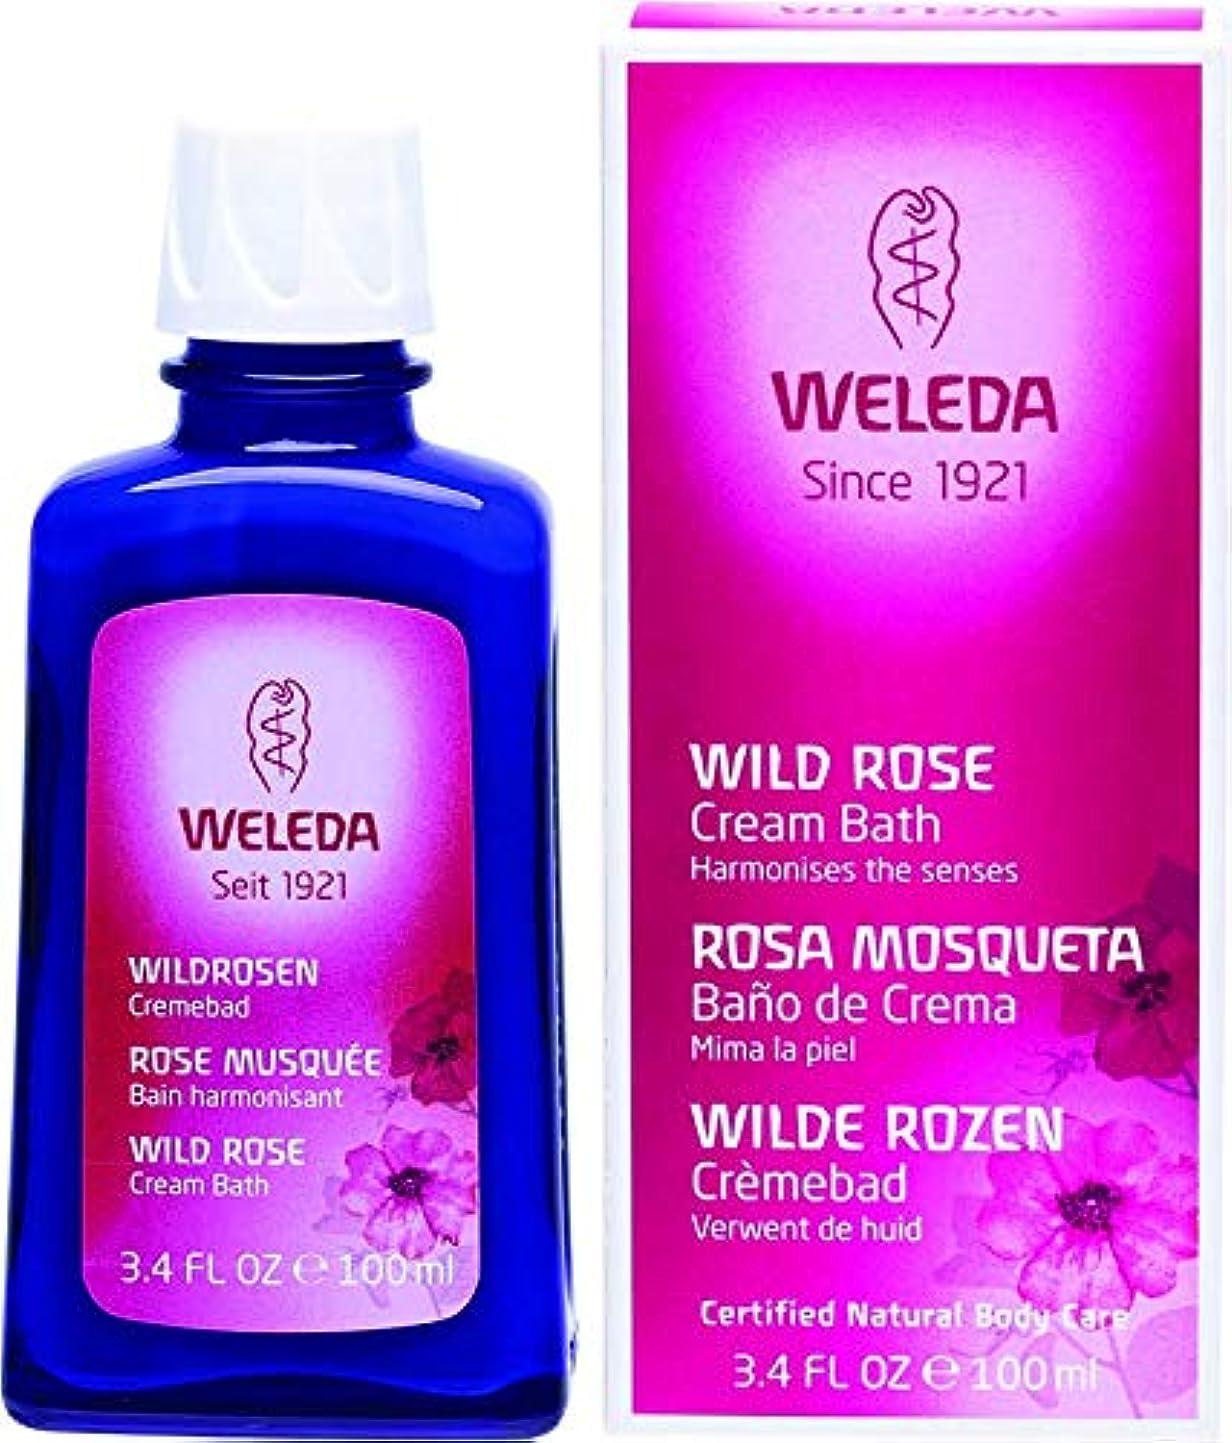 シュリンク心理的拍車WELEDA(ヴェレダ) ワイルドローズ クリームバスミルク 100ml